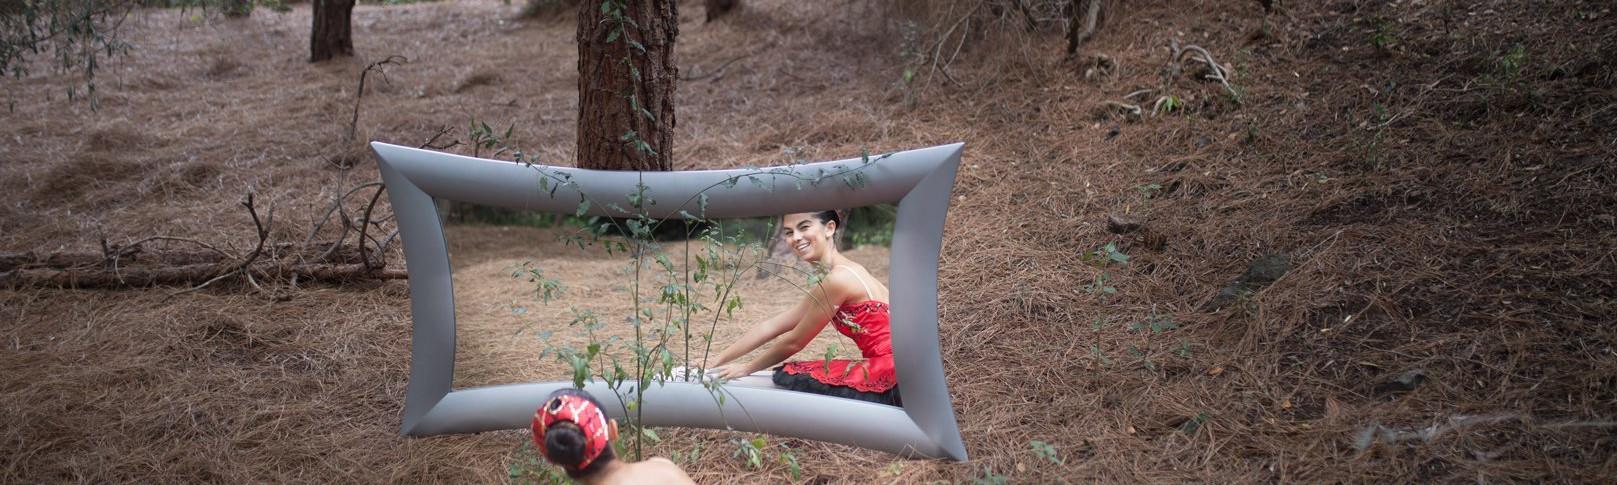 Foto de una bailarina del Centro de Danza Sandra Santa Cruz en el campo sentada con los pies estirados y las manos apoyadas en los pies mirándose sonriéndo ante un gran espejo. Tiene zapatillas de puntas y un espectacular tutú de plato en color rojo con adornos en negro, para explicar que el trabajo en el Centro es: Muchomasquedanza